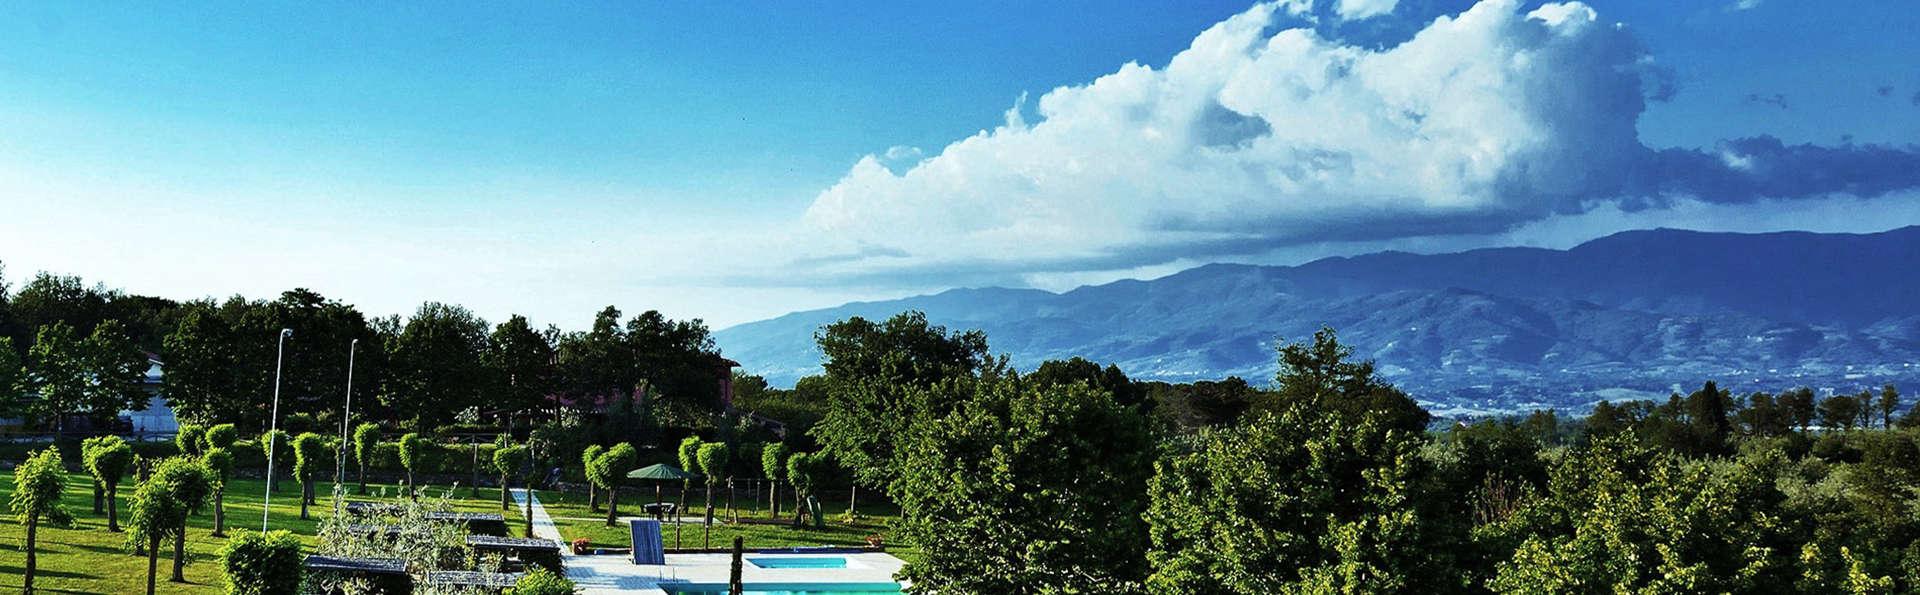 Merveilleux séjour en Toscane